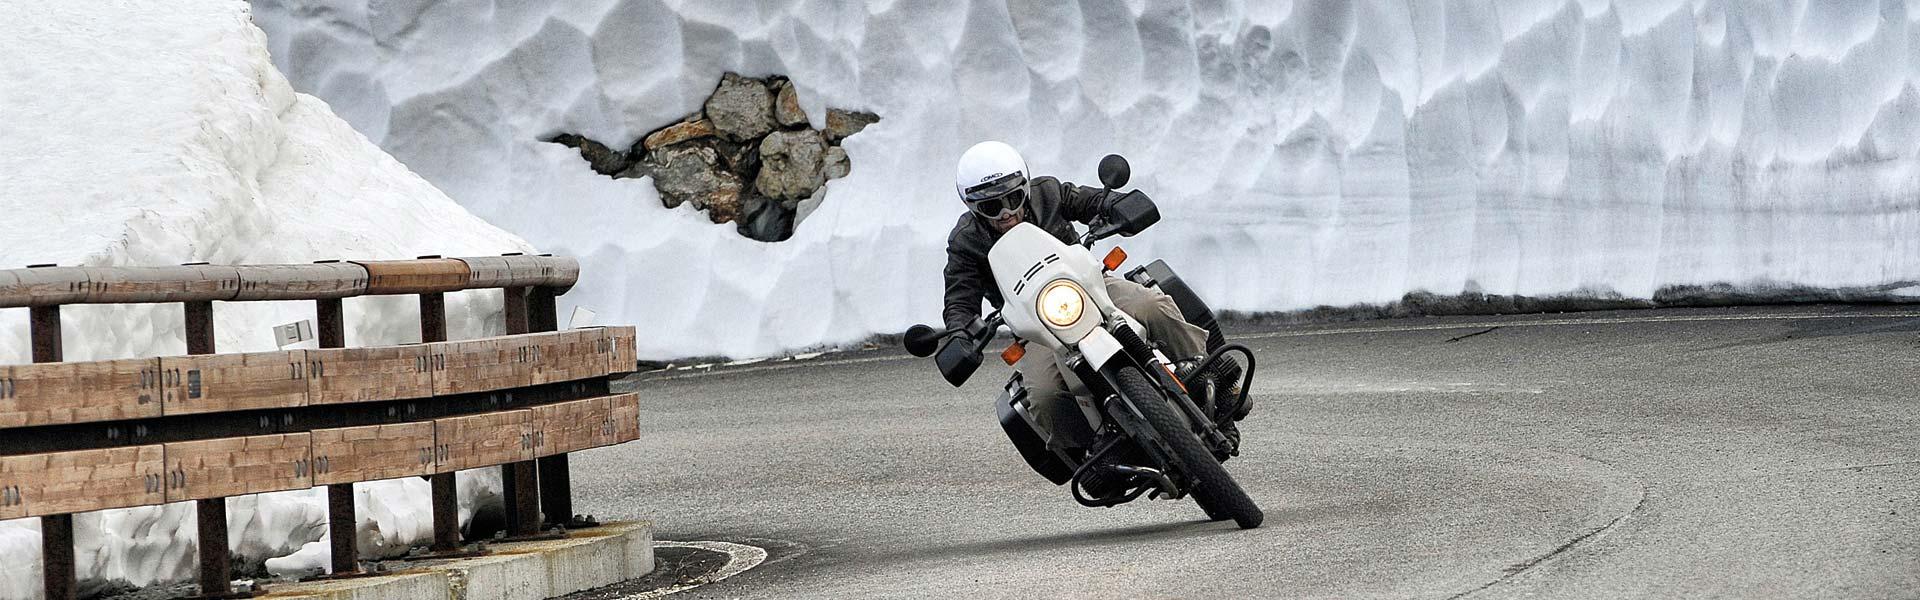 rouler en moto l'hiver, une partie de plaisir...